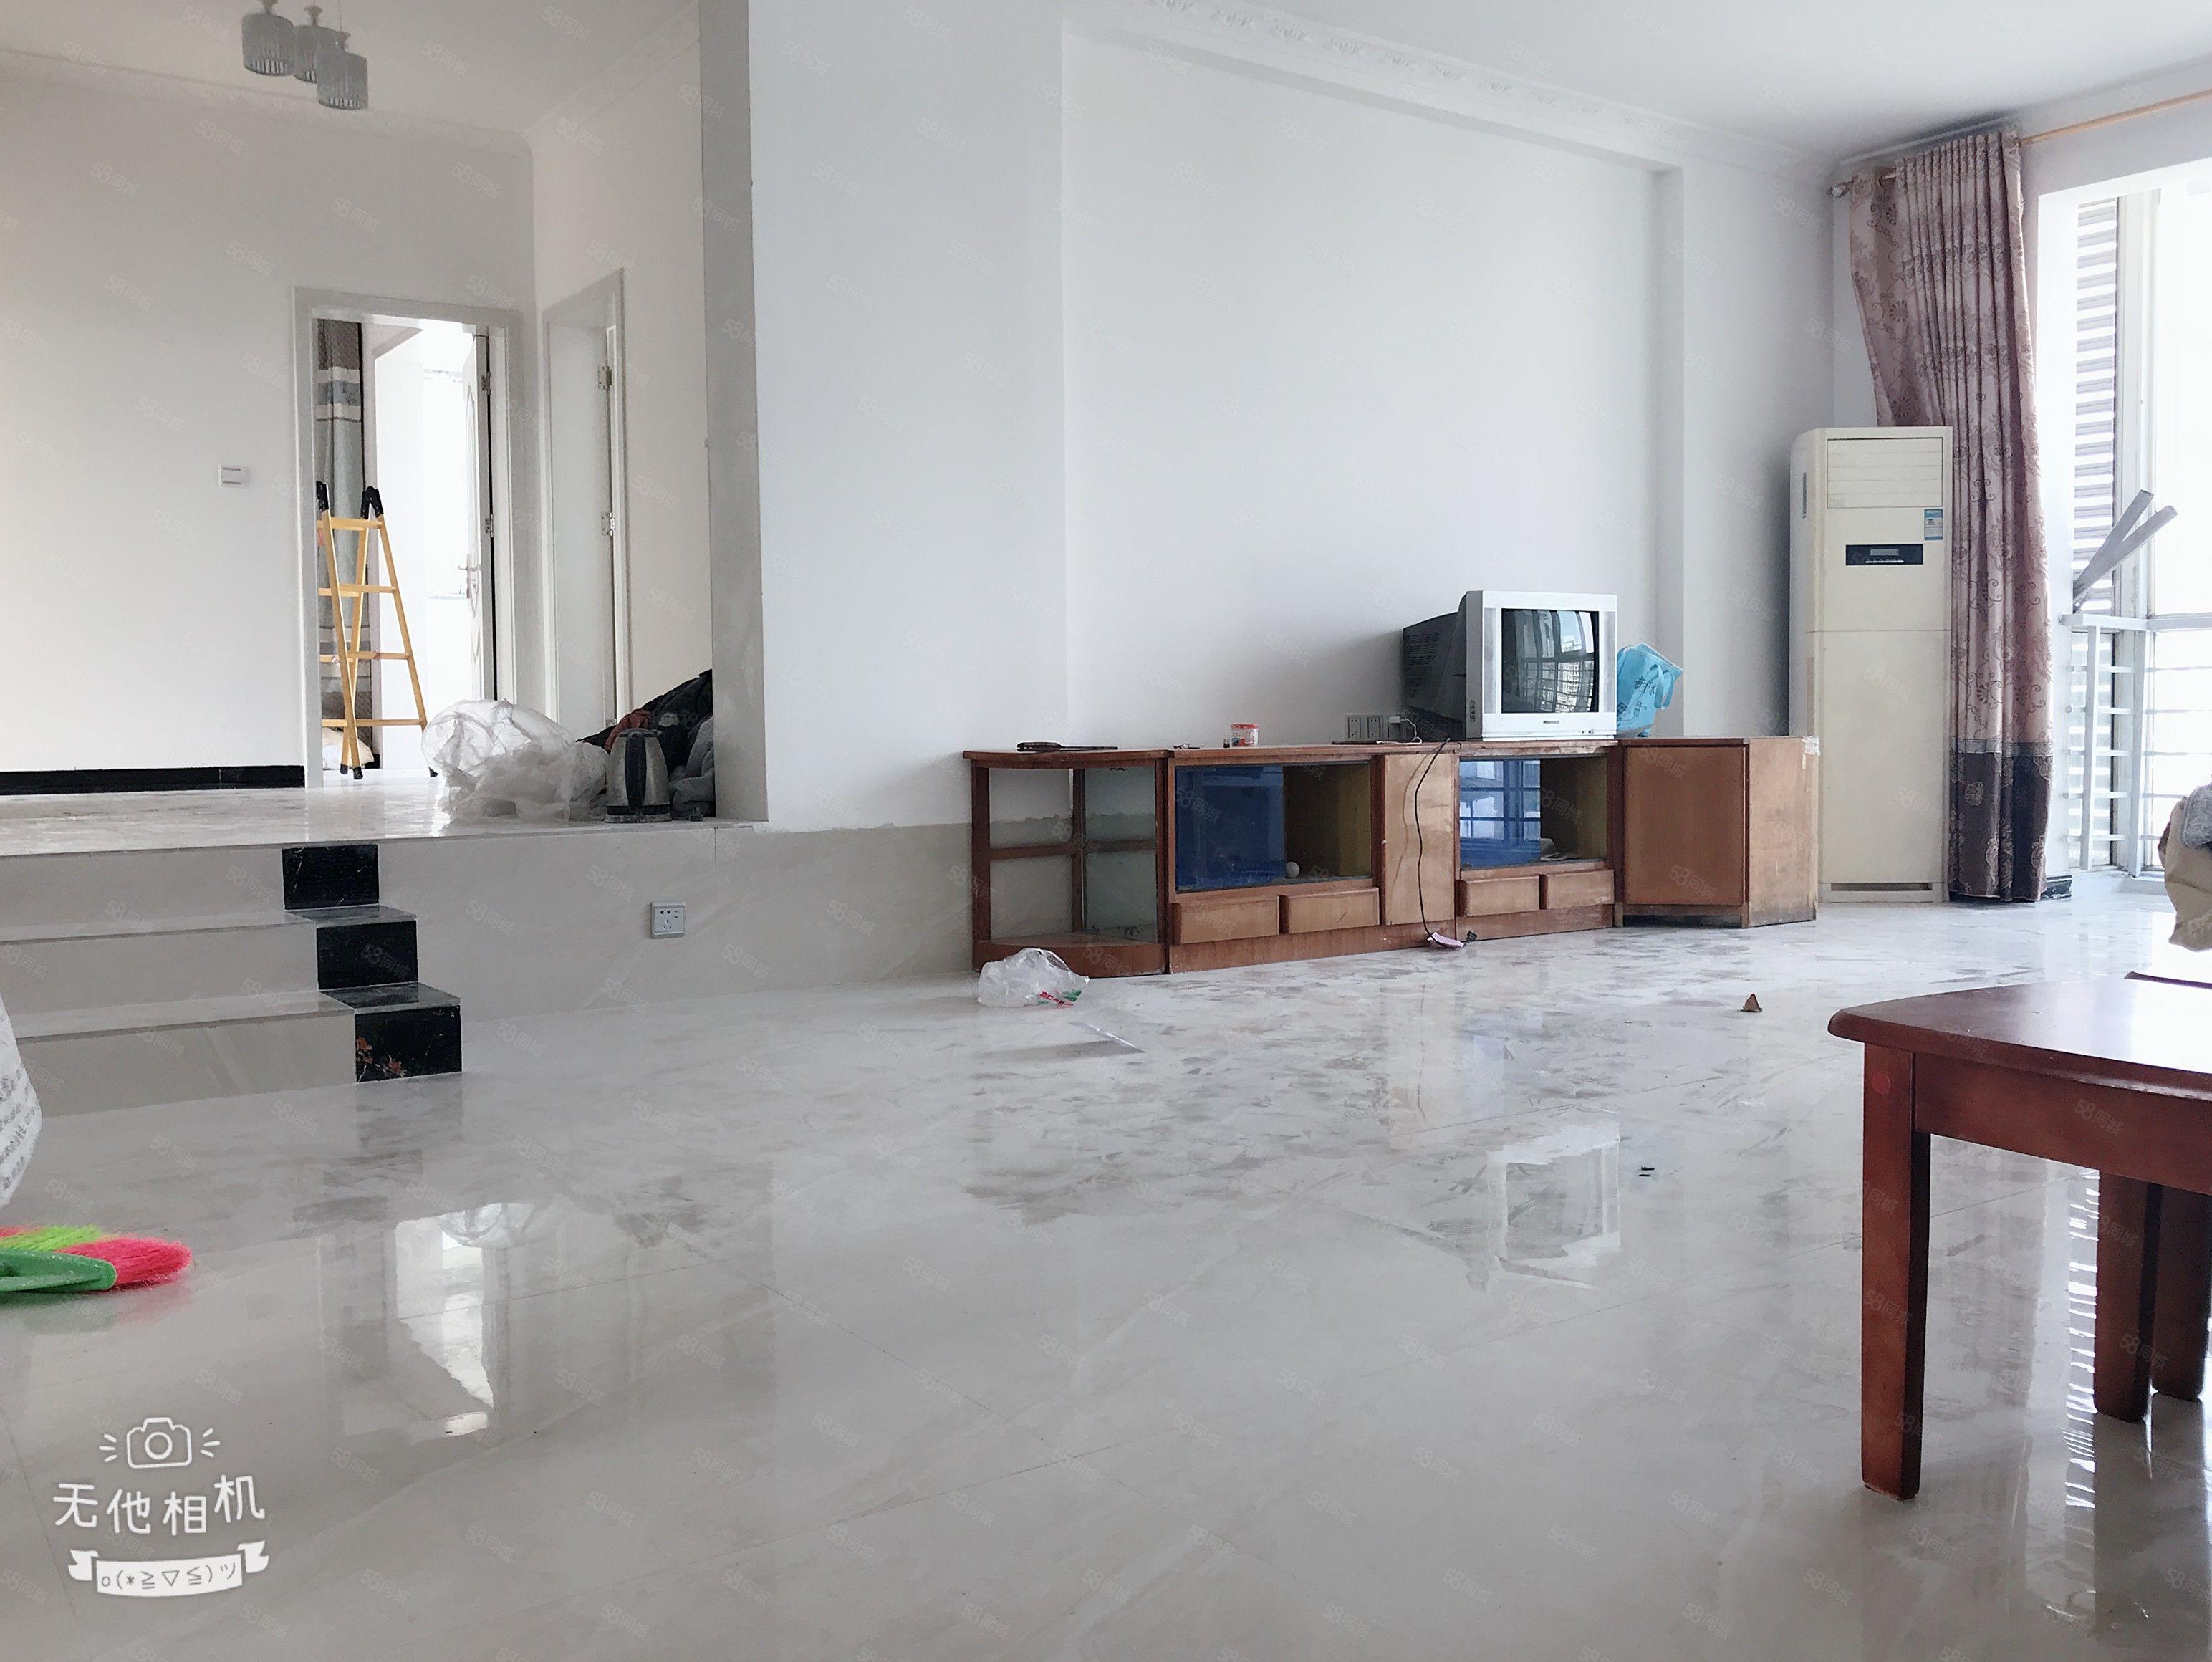 银监局单位房,小区环境干净整洁,从未住人,正宗4室2厅2卫,